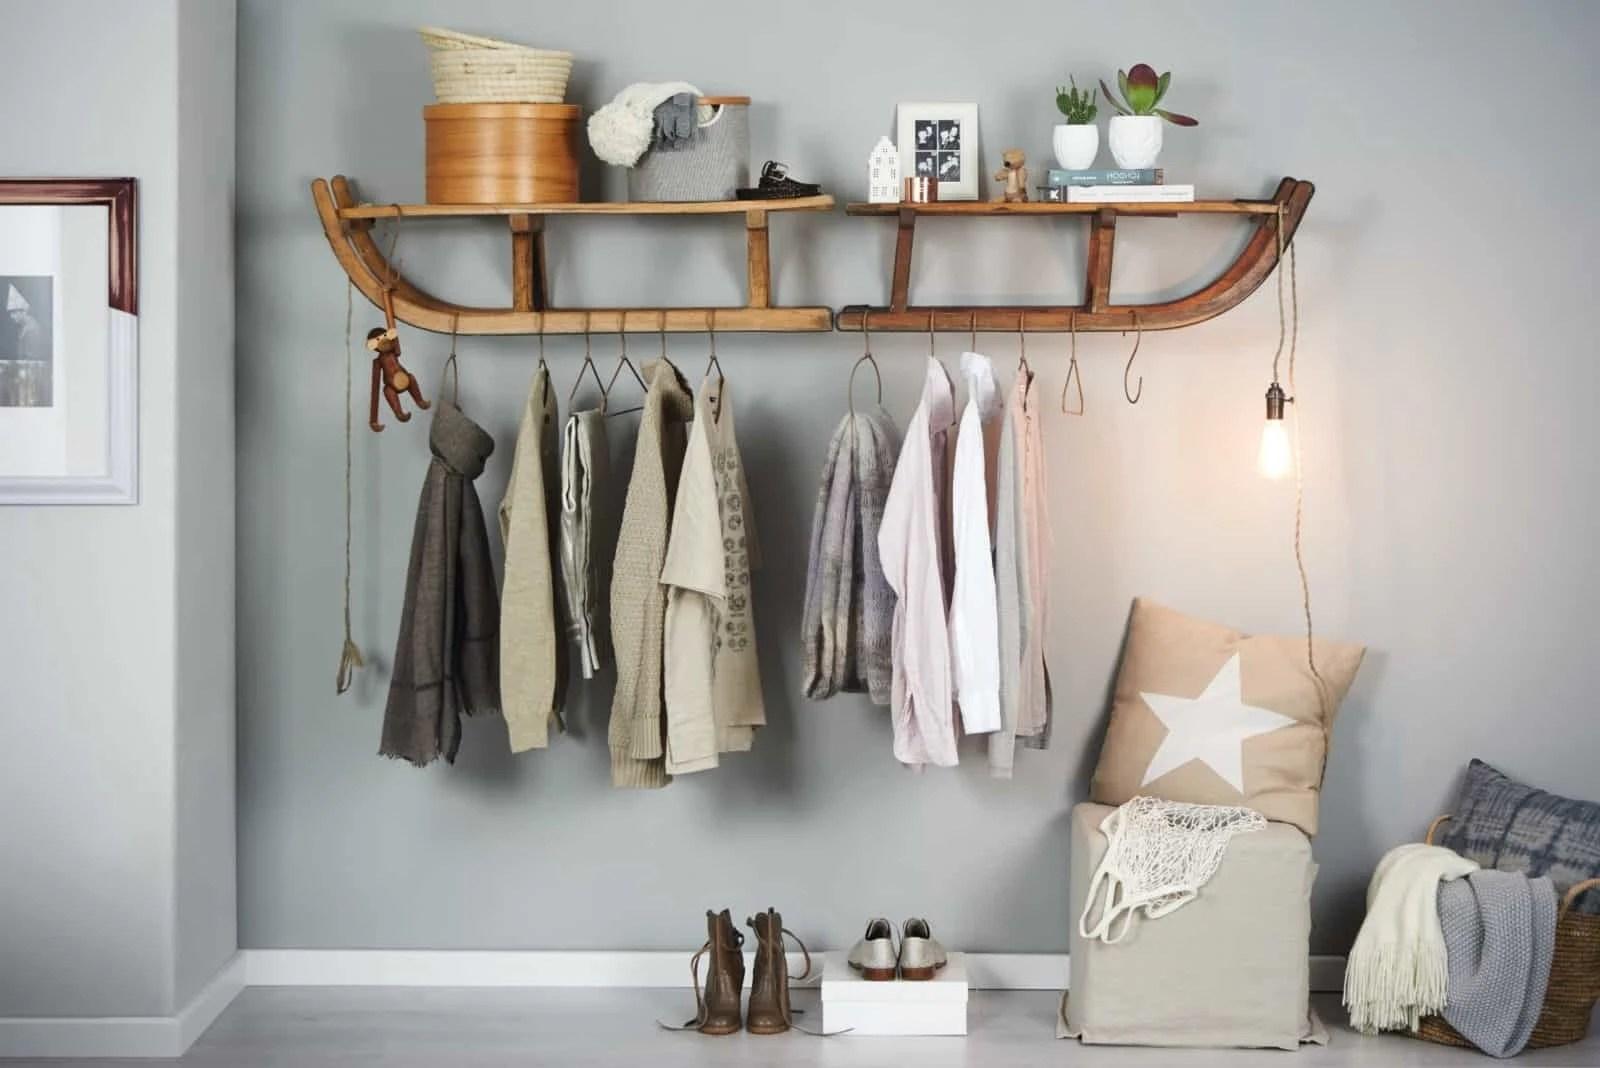 garderobe selber bauen ideen und anleitungen für jeder der lust dazu hat bastelideen diy garderoben flurmöbel zenideen